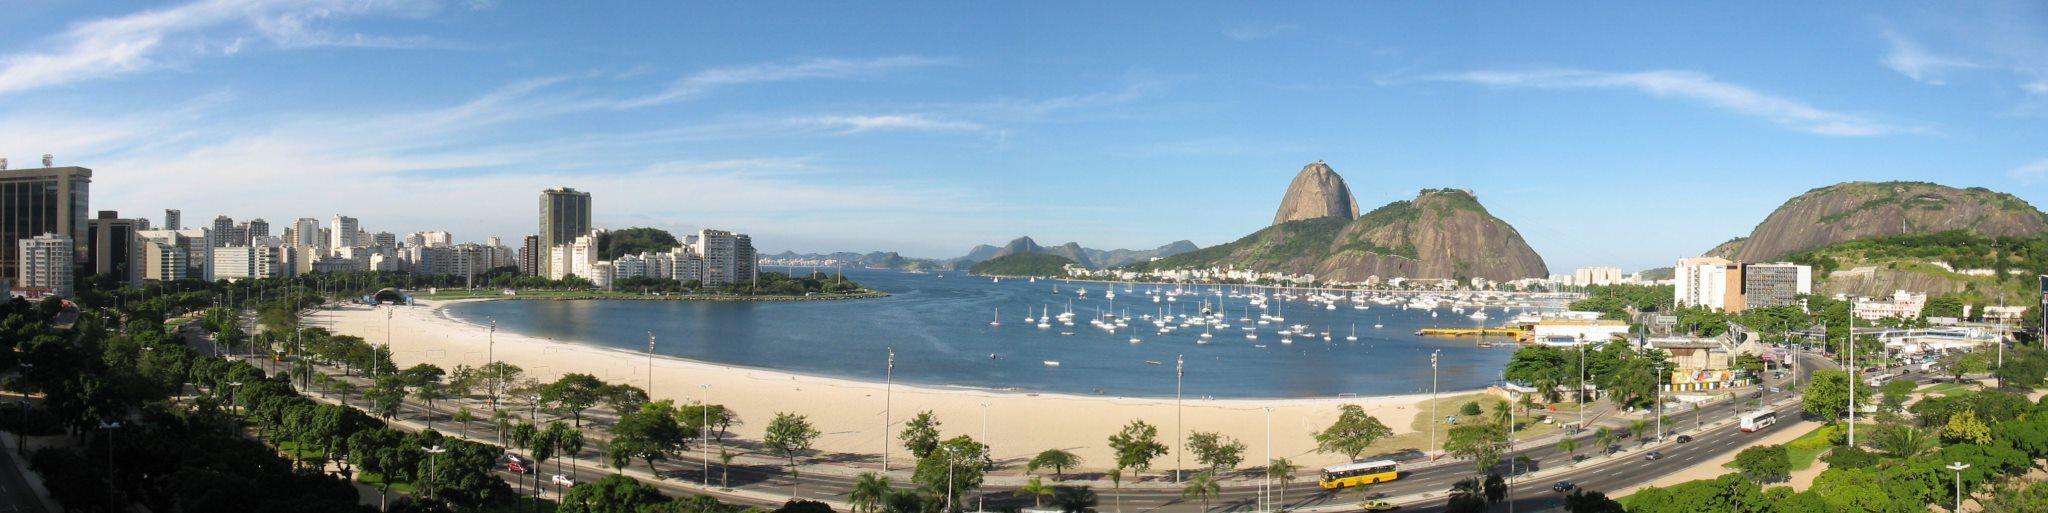 Rio de Janeiro 360°